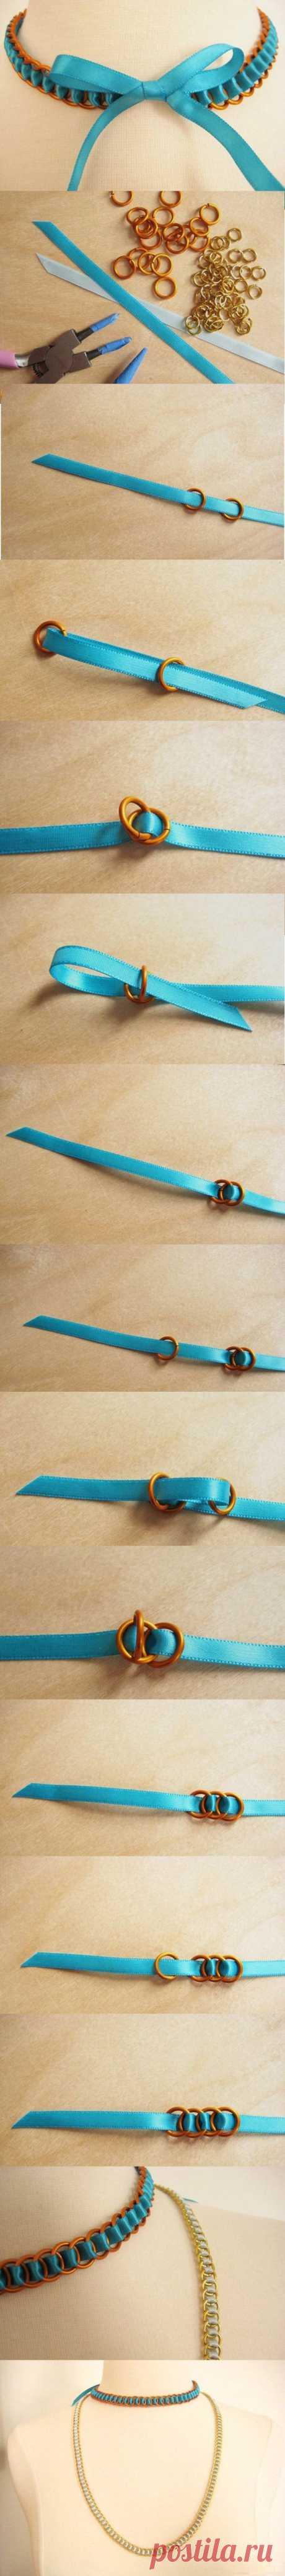 Крутим из узлов красивые браслеты и ожерелья